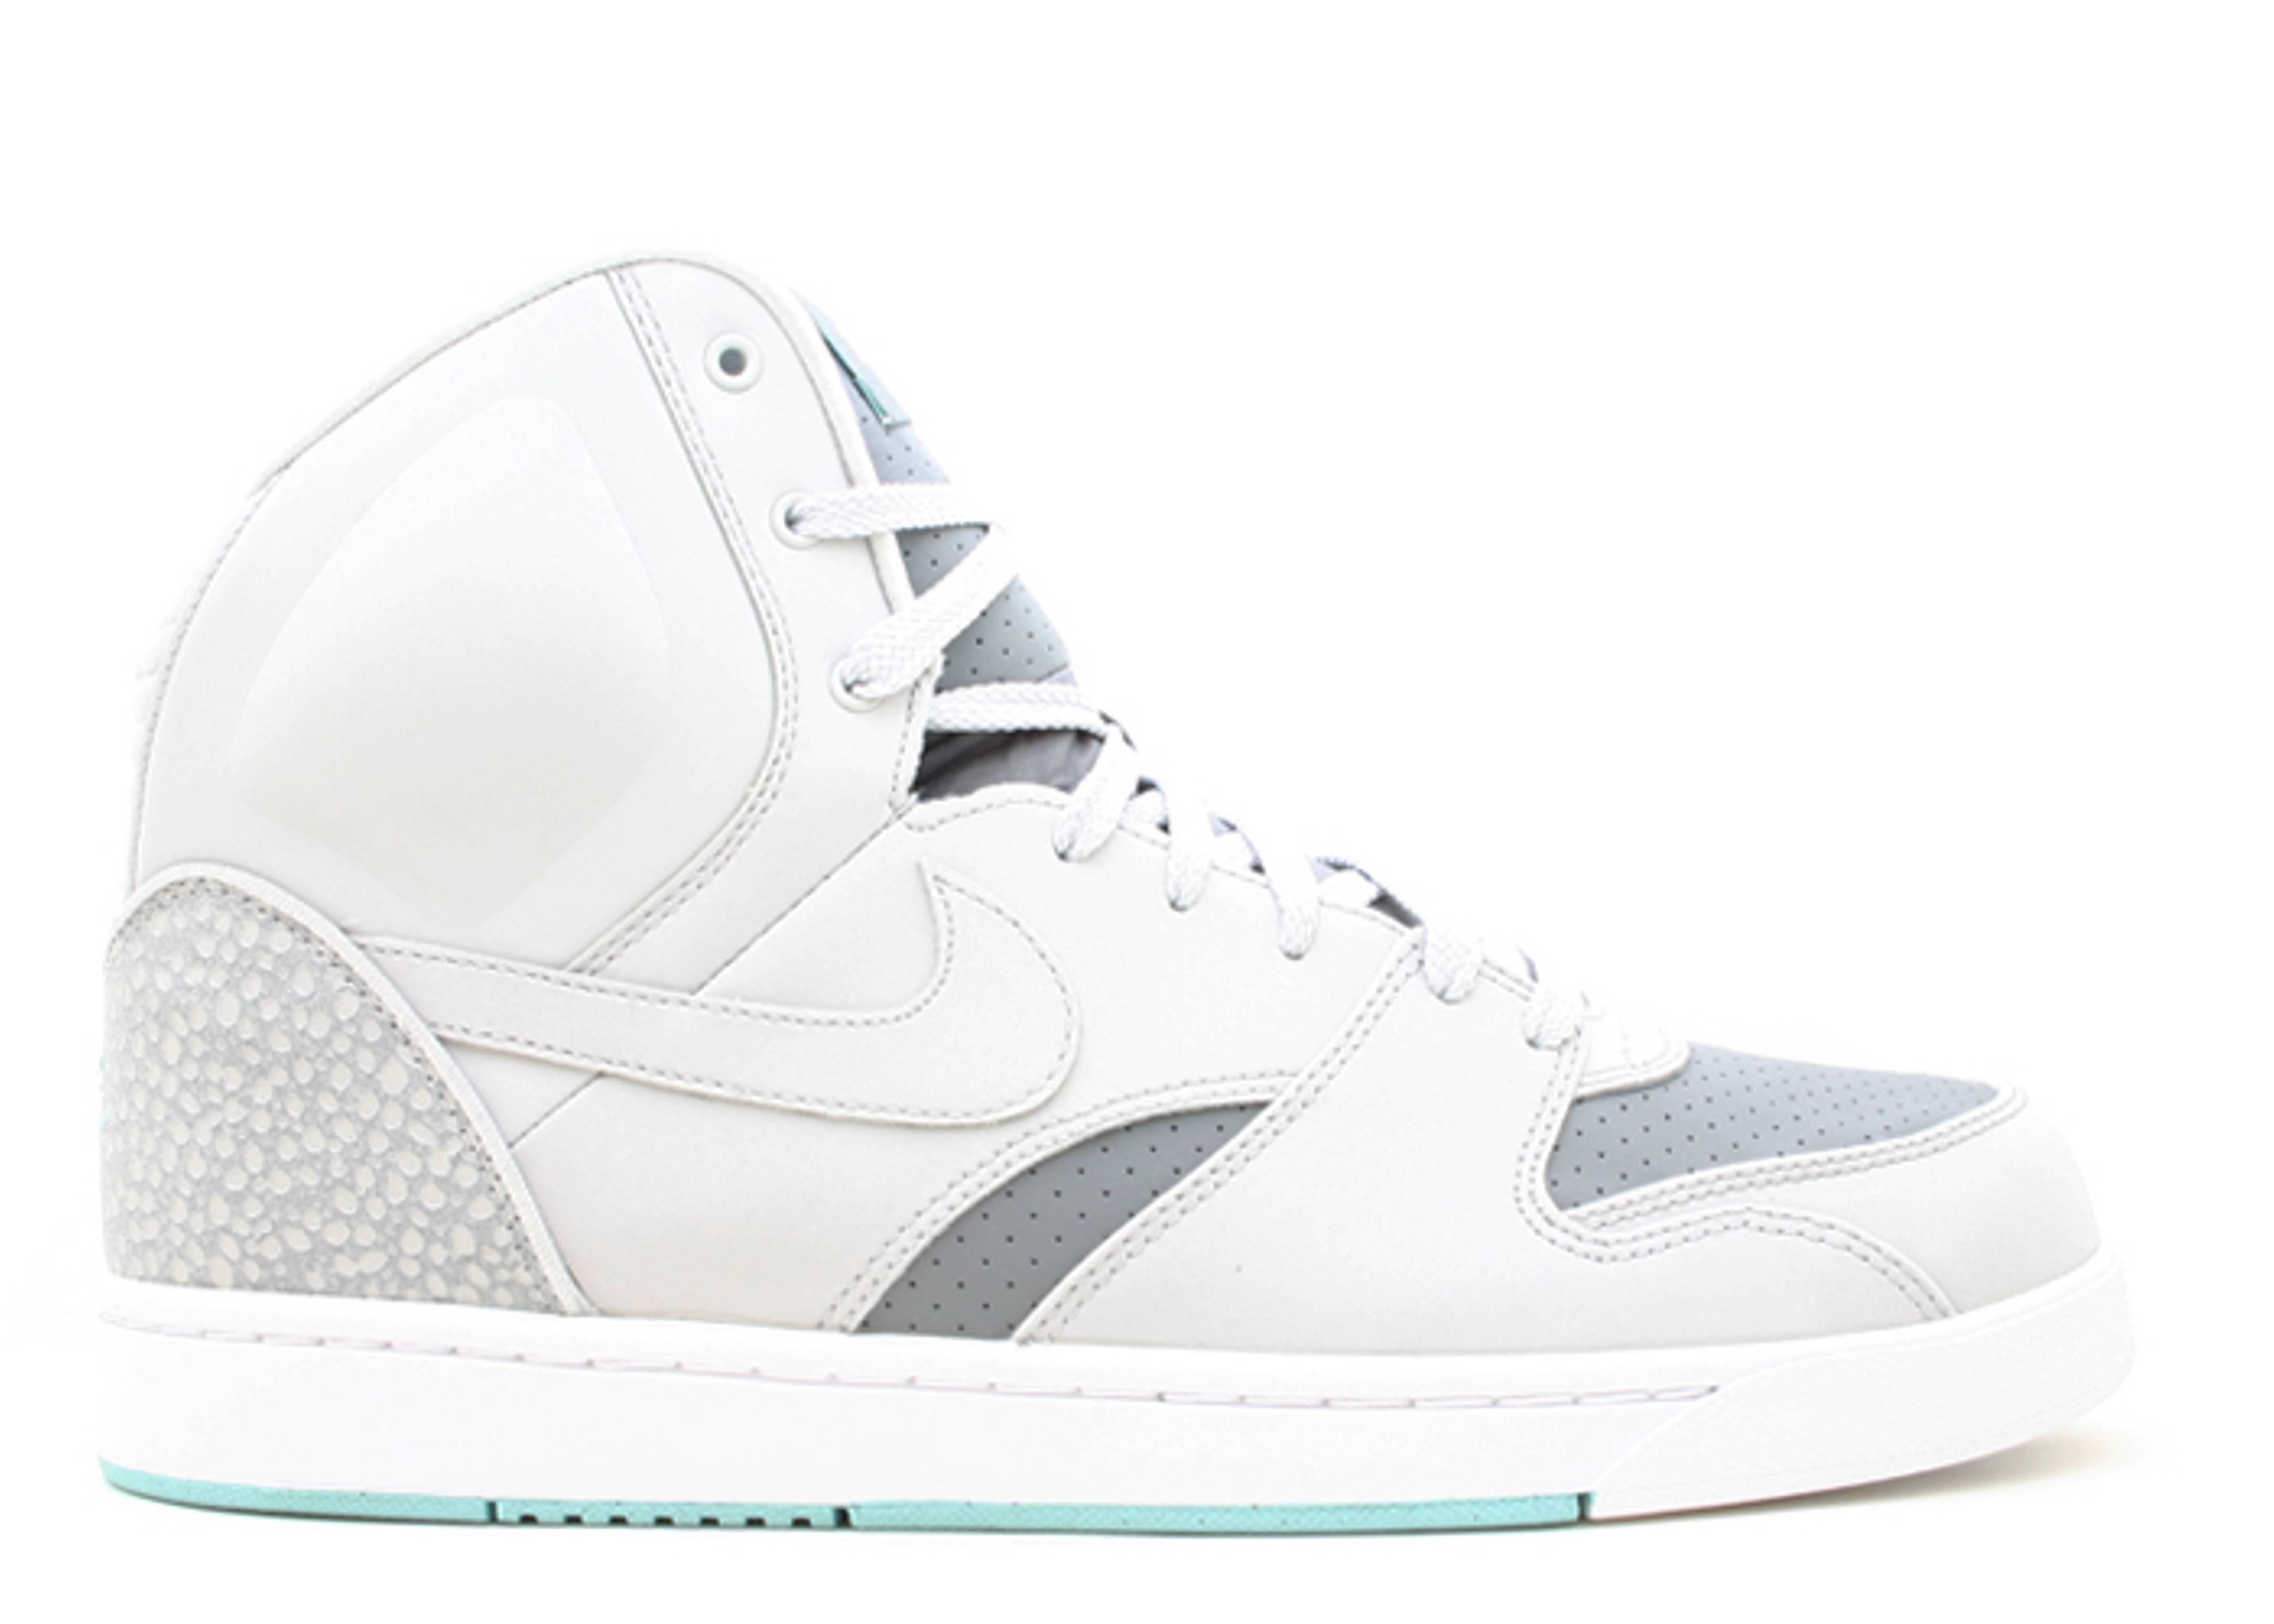 bfc0ae9c14d Rt1 High - Nike - 354034 002 - ntrl grey  ntrl grey green mist cl ...